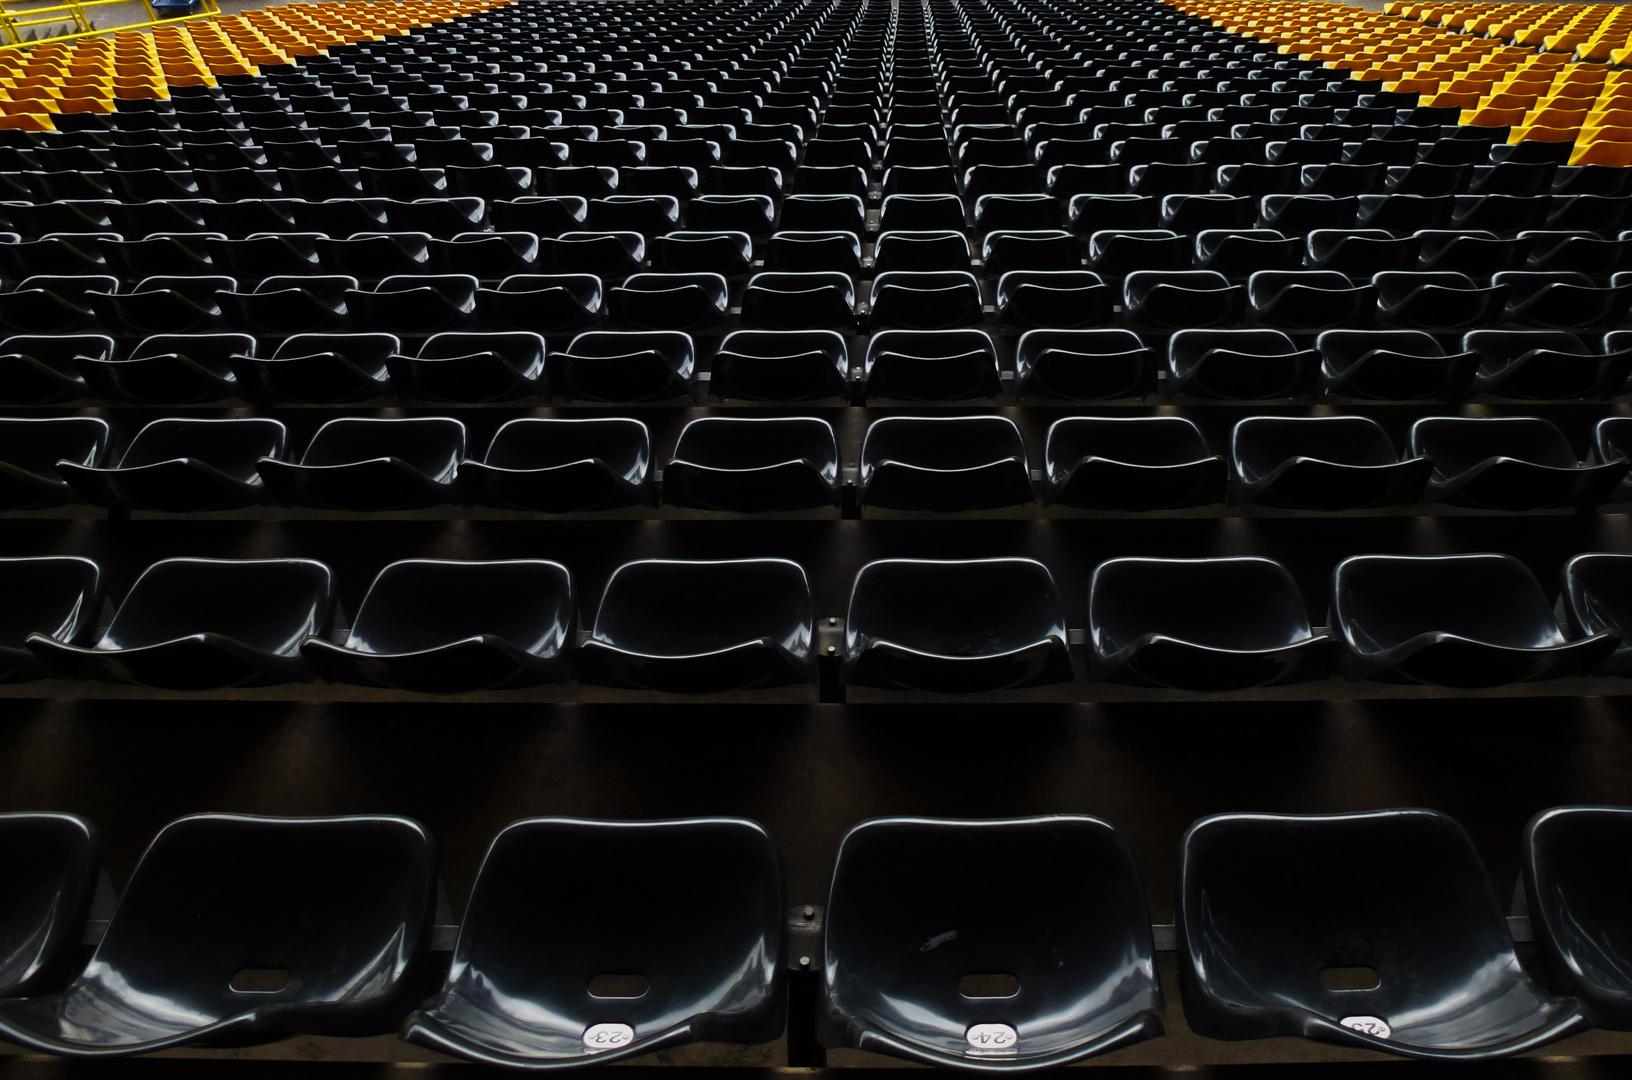 Stadionbestuhlung in den Vereinsfarben